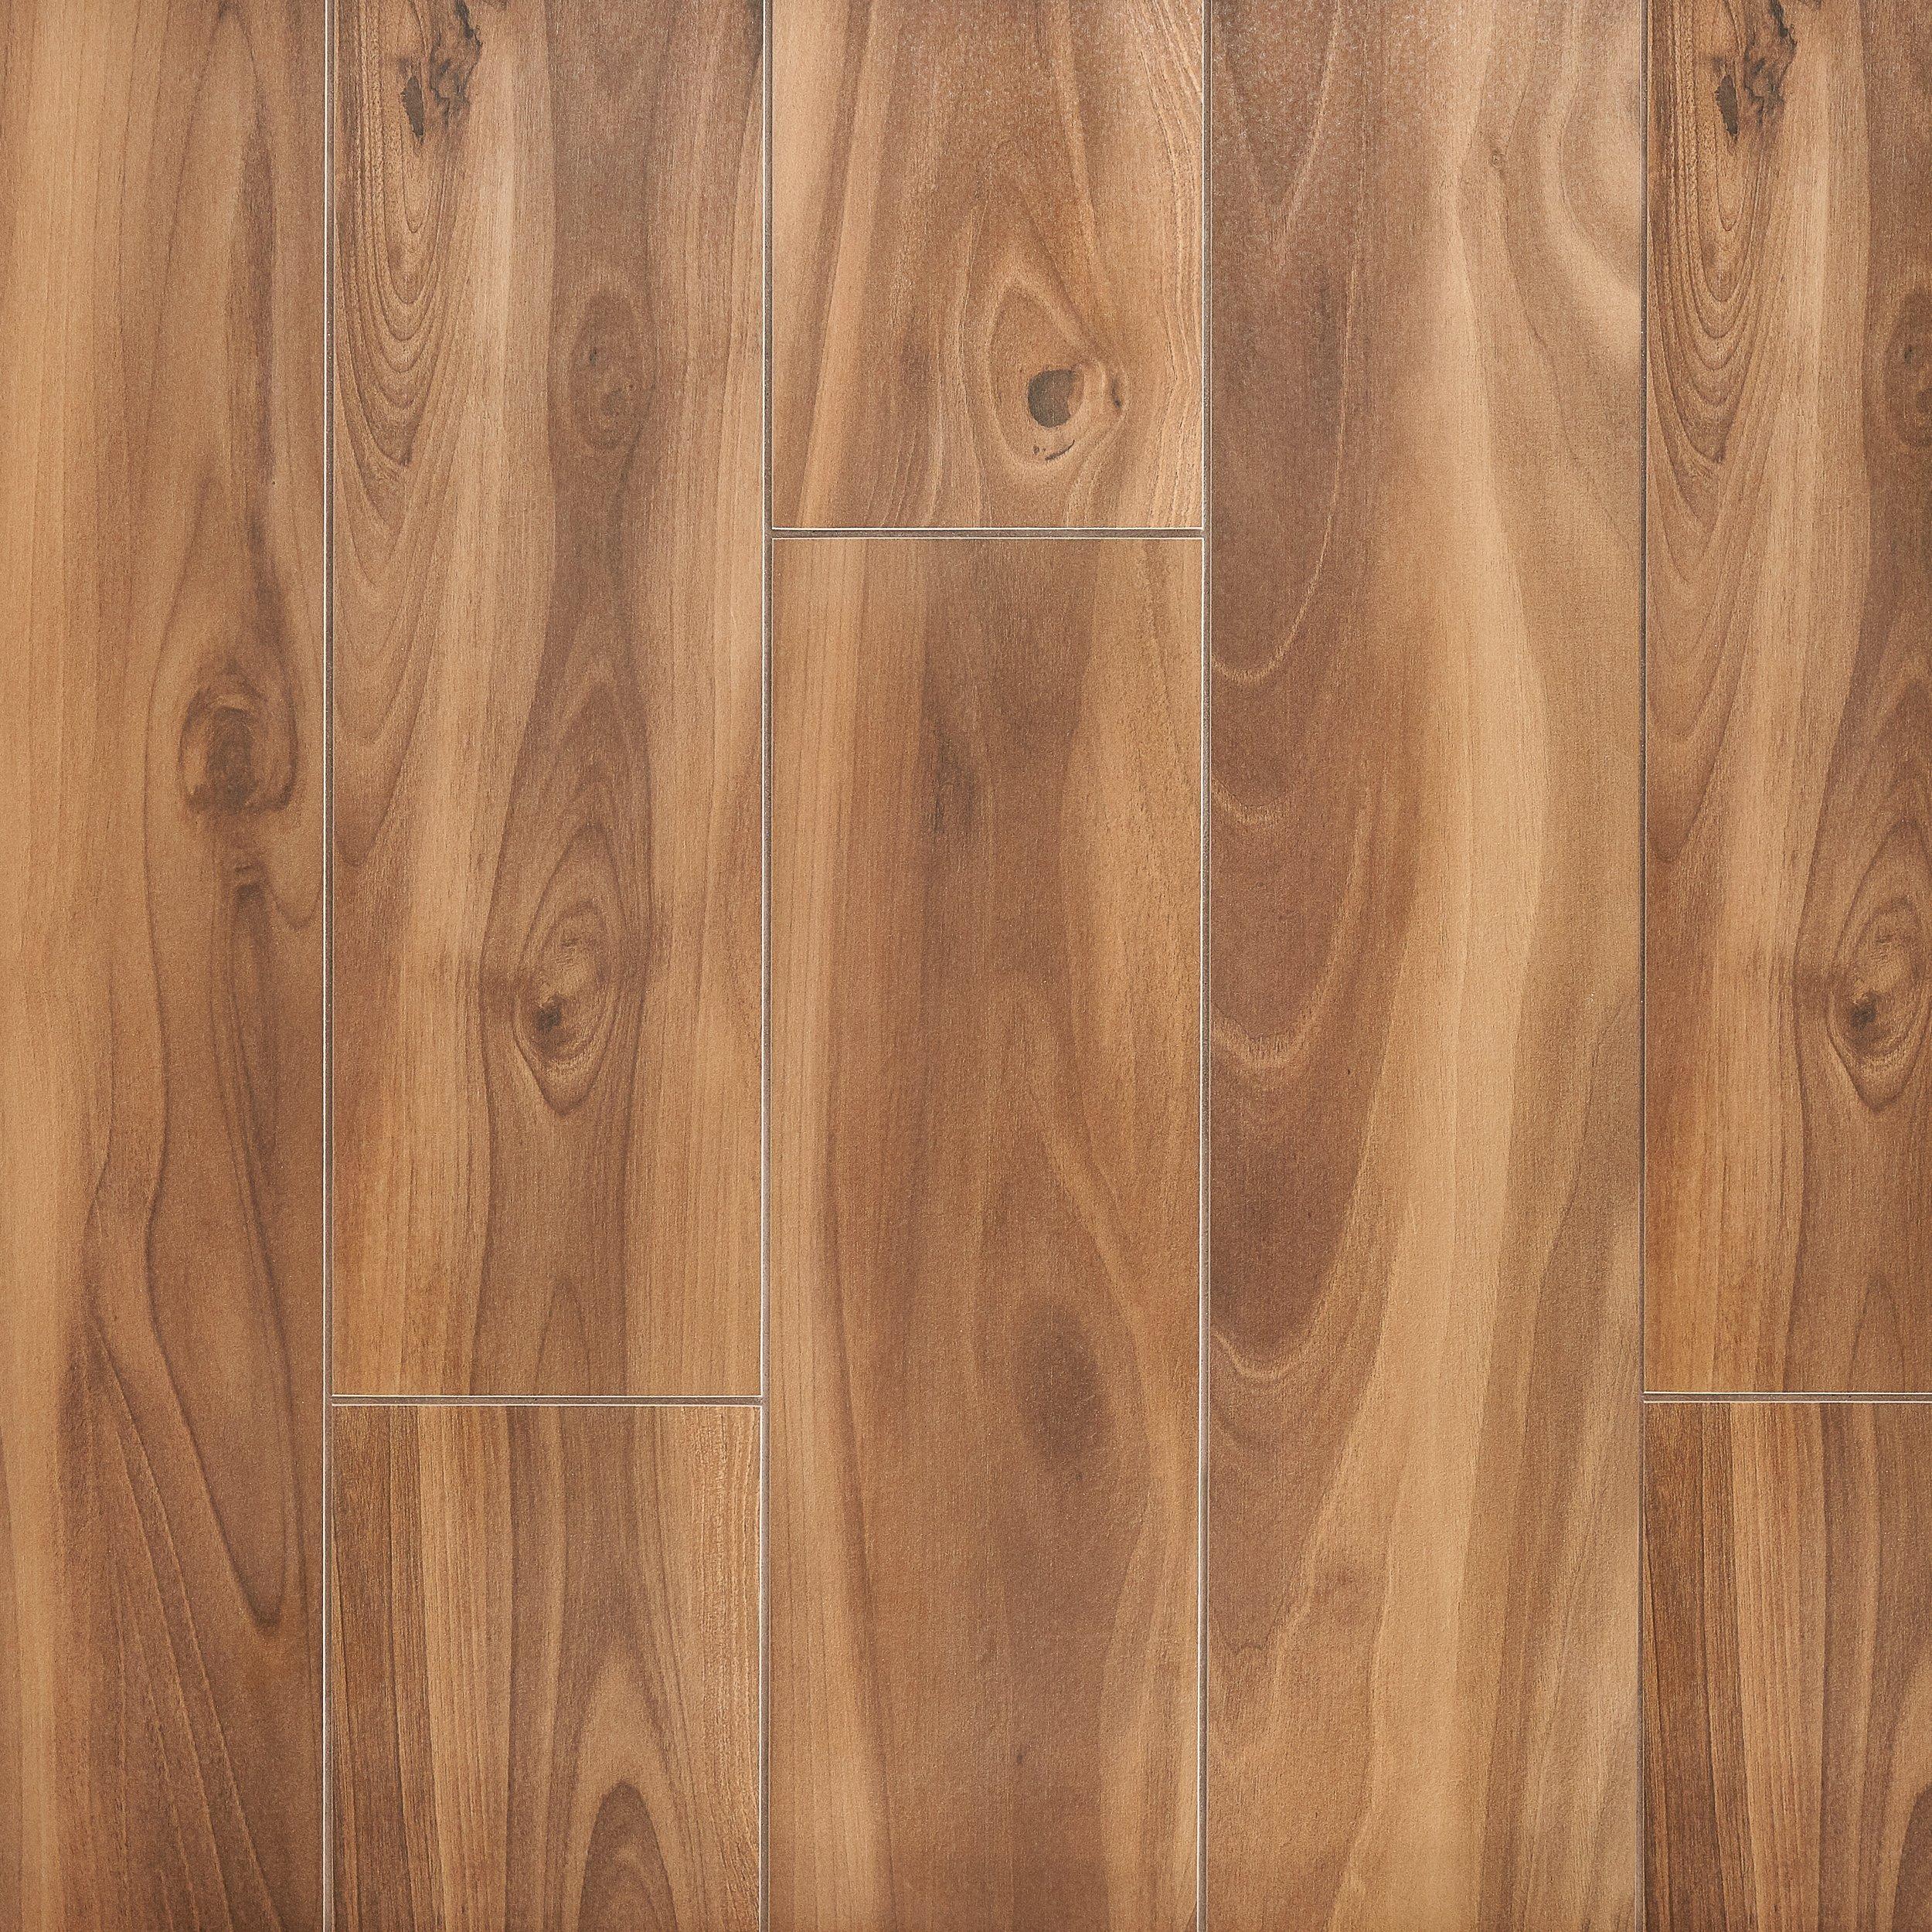 Porcelain Tile Wood Plank: Julyo Wood Plank Porcelain Tile